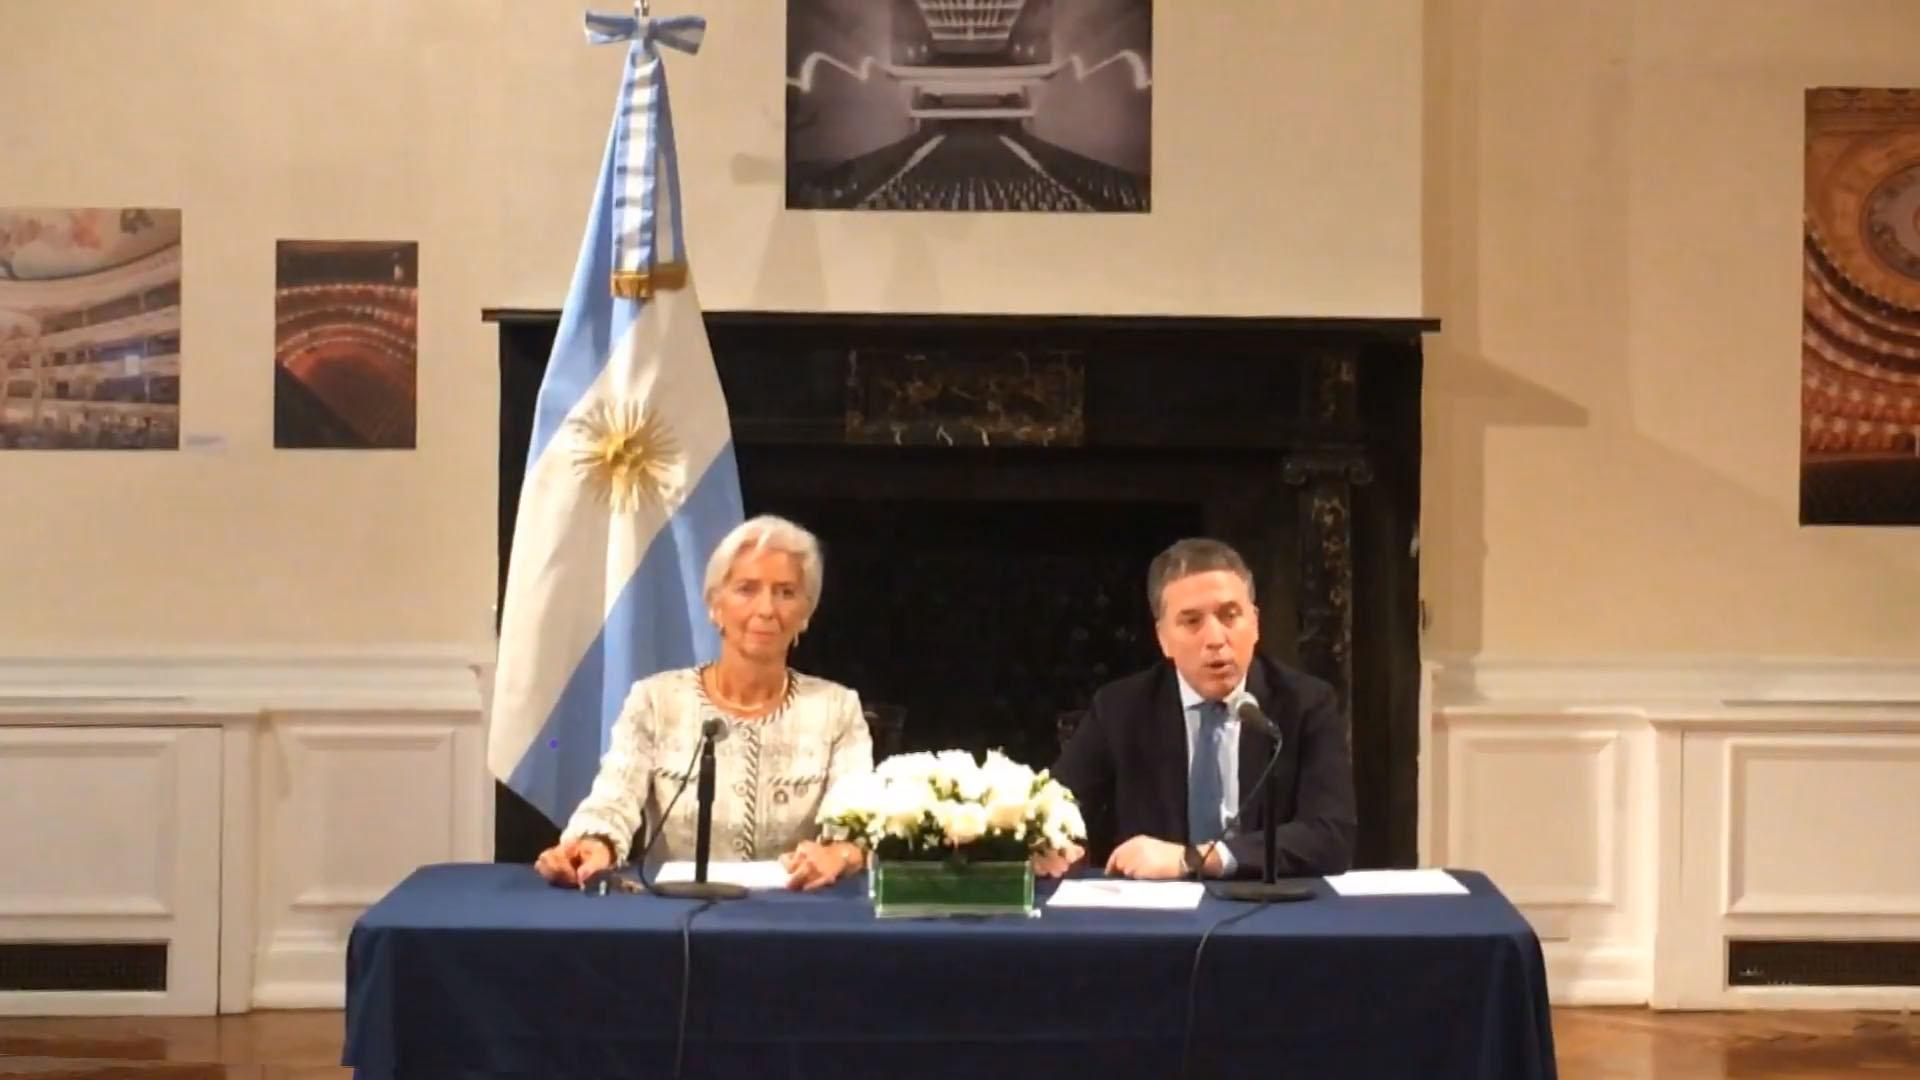 La directora ejecutiva del FMI, Christine Lagarde, y el ministro de Economía, Nicolás Dujovne